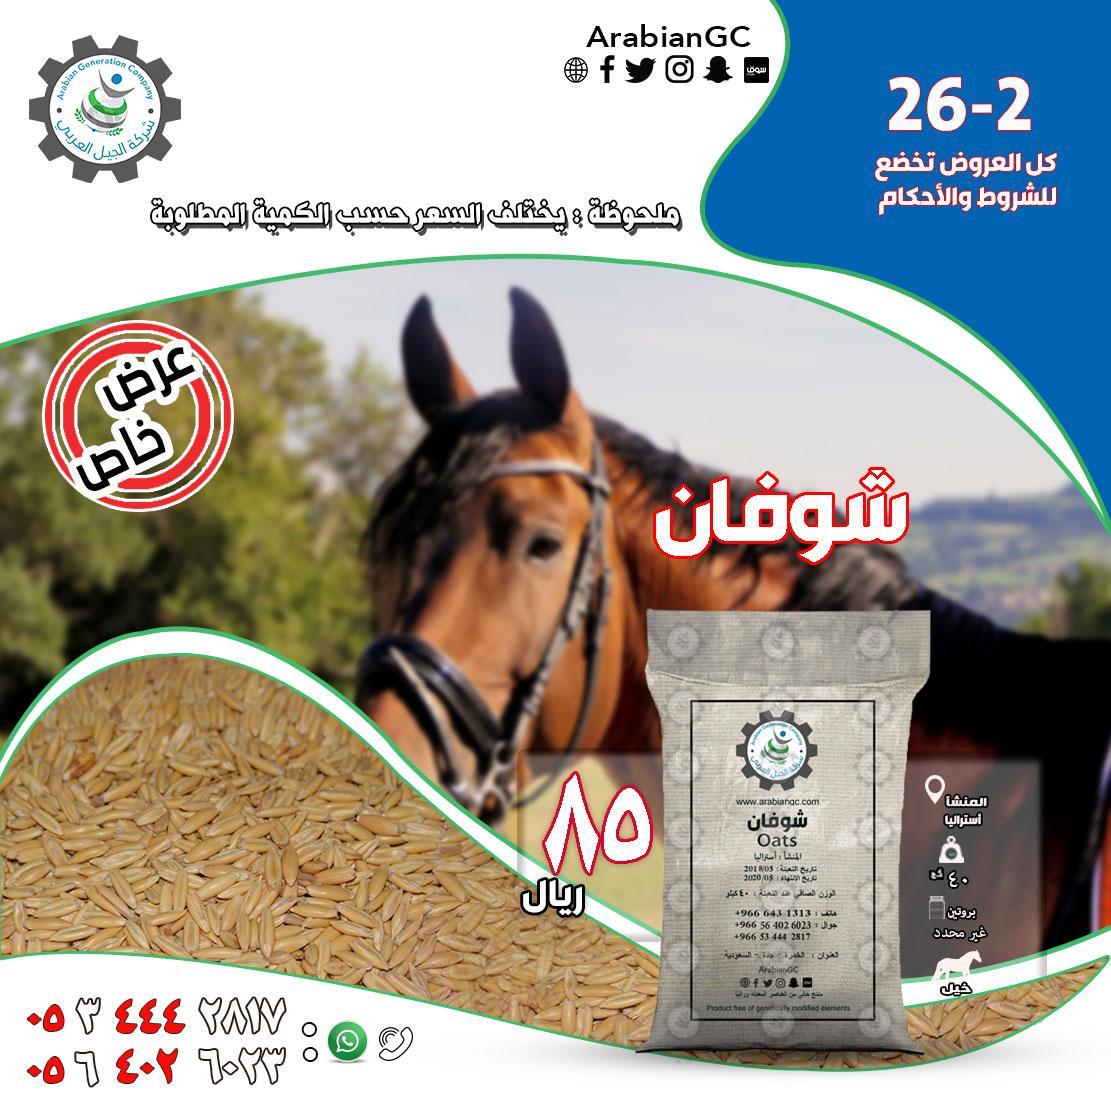 شوفان شركة الجيل العربي للتجارة d.php?hash=O4B2QO3WQ